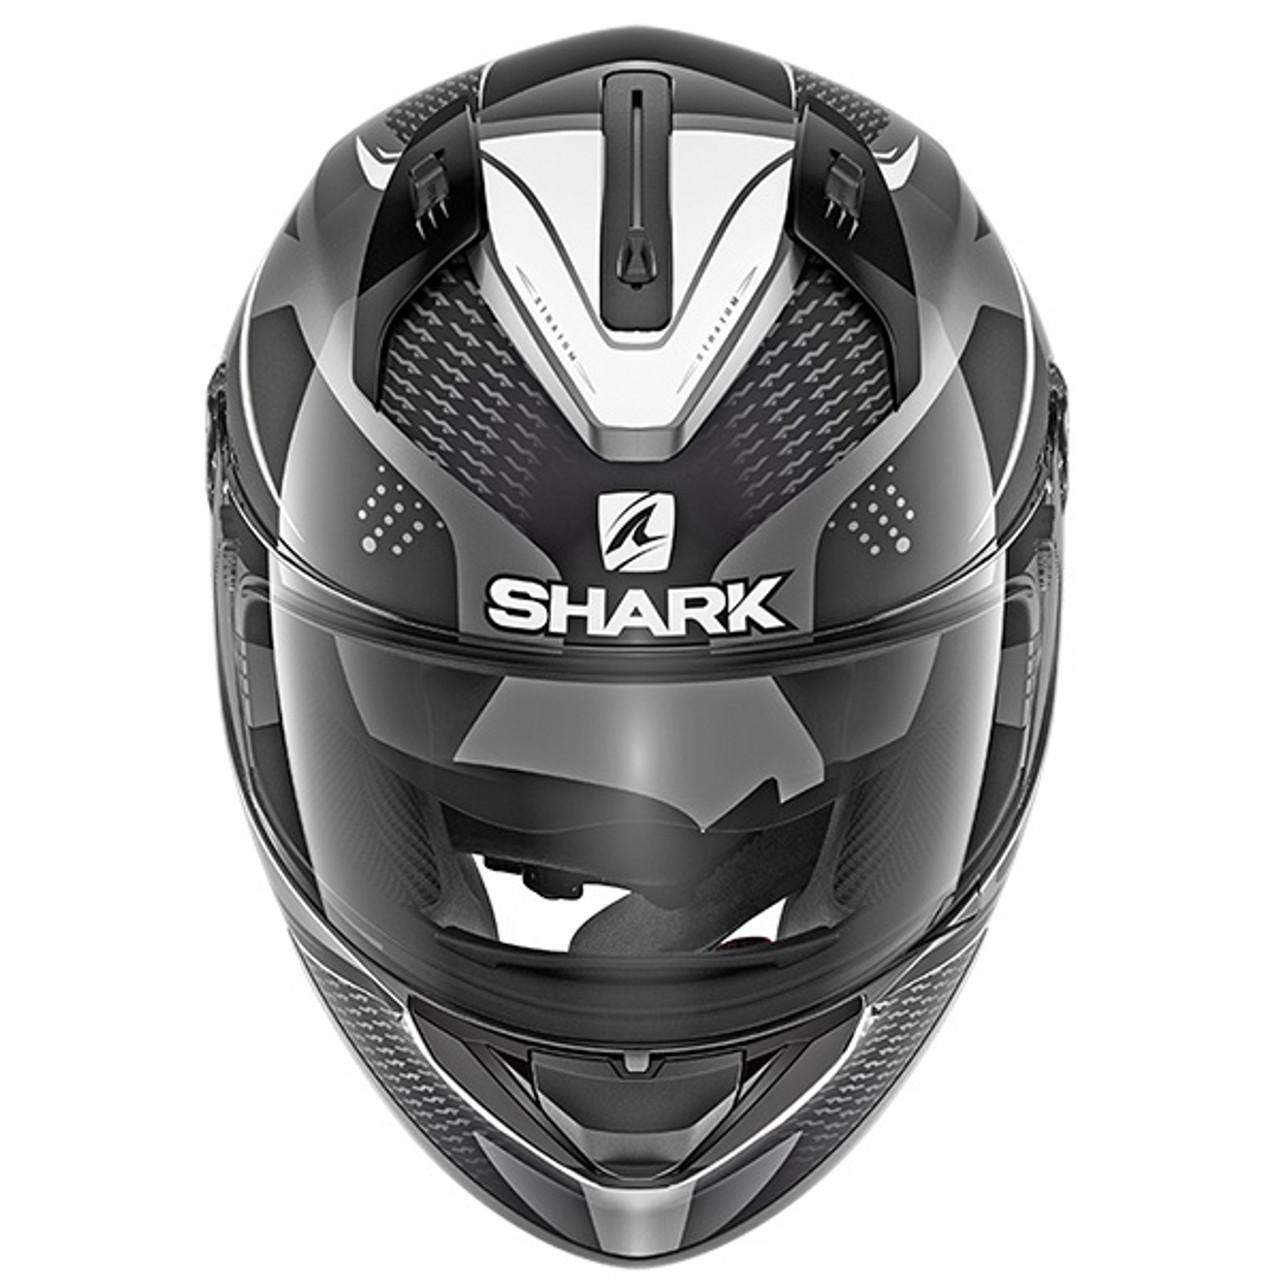 Shark Ridill Stratom Full Face Helmet AKW - Anthracite / Black